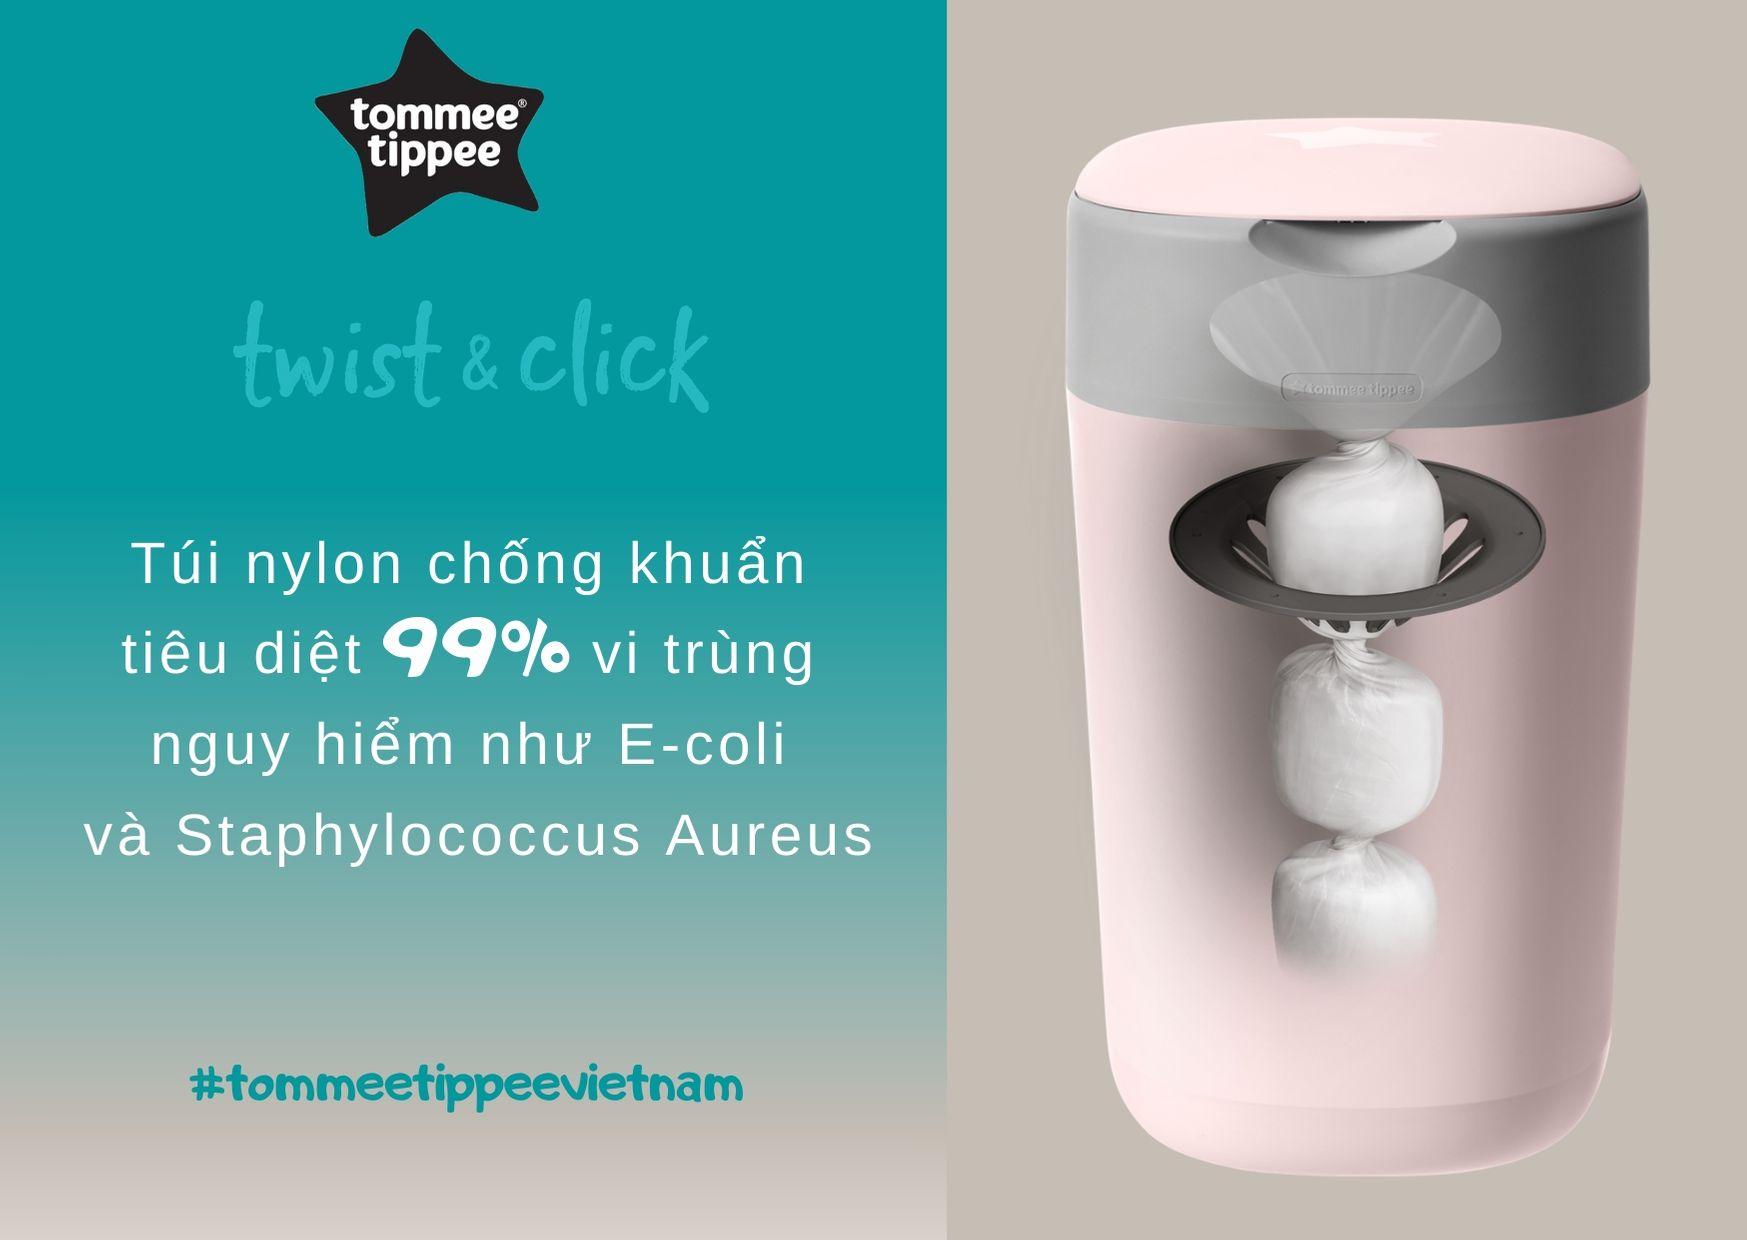 Đặc điểm Thùng xử lý tã cho bé Tommee Tippee Twist & Click – Hồng